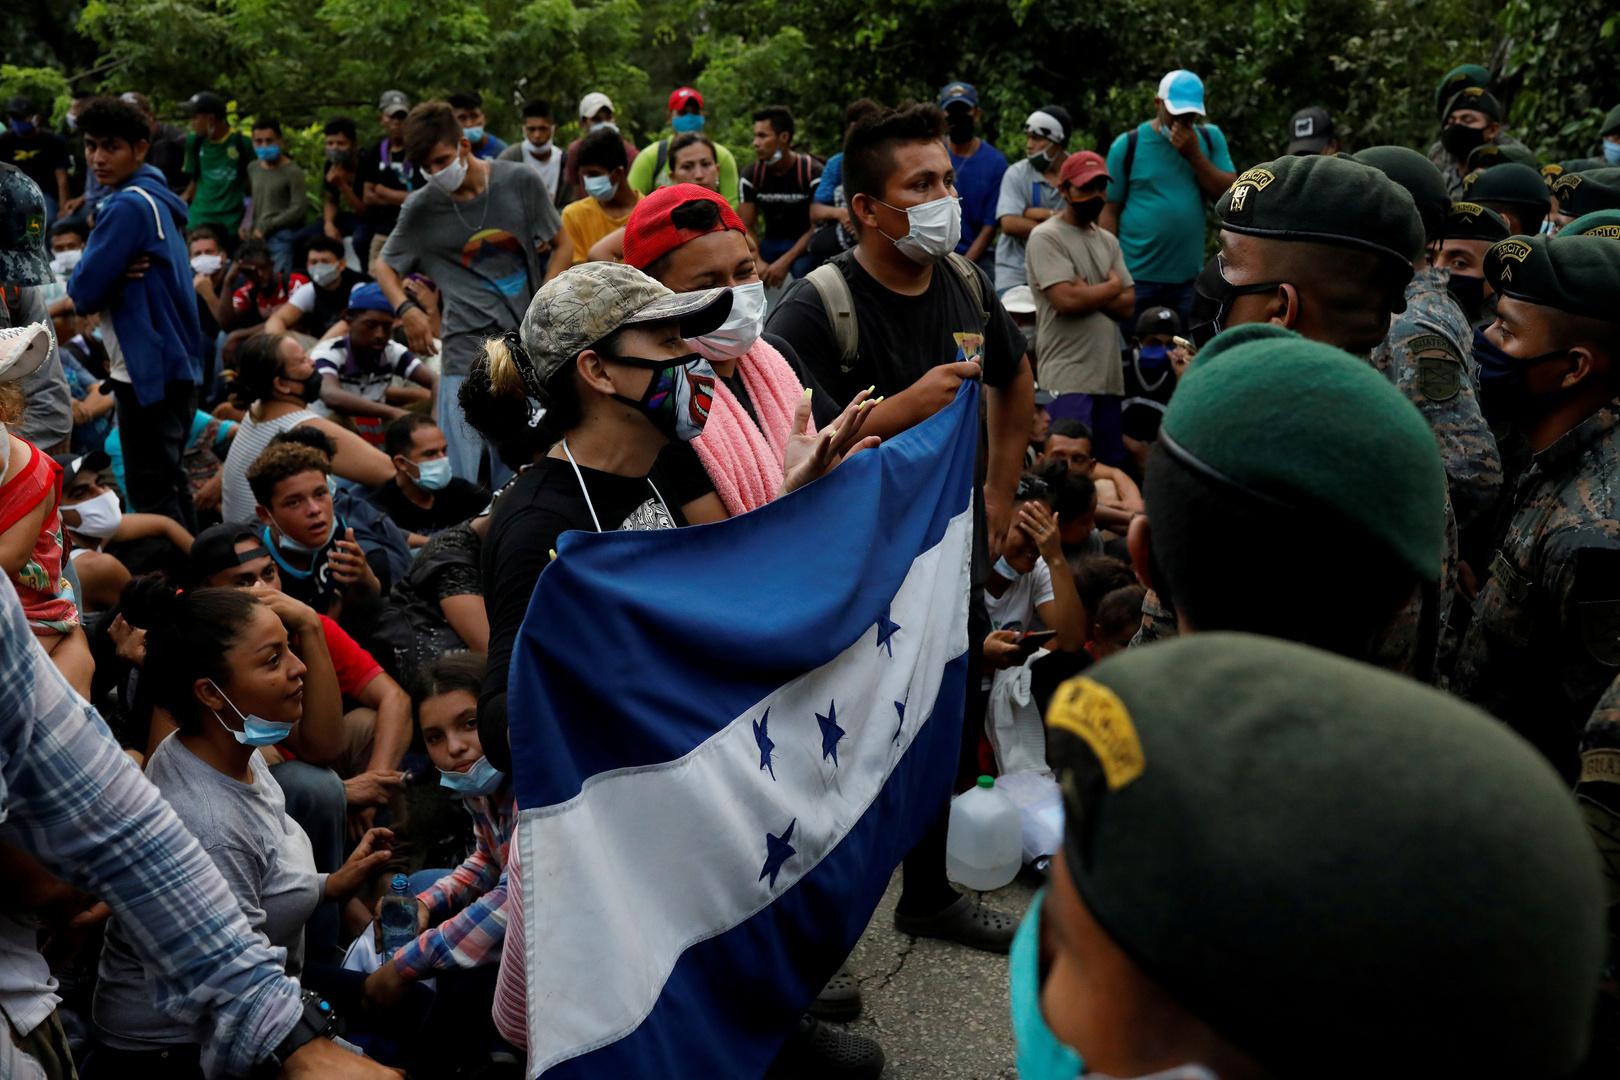 قافلة مهاجرين جديدة تنطلق من هندوراس إلى الولايات المتحدة